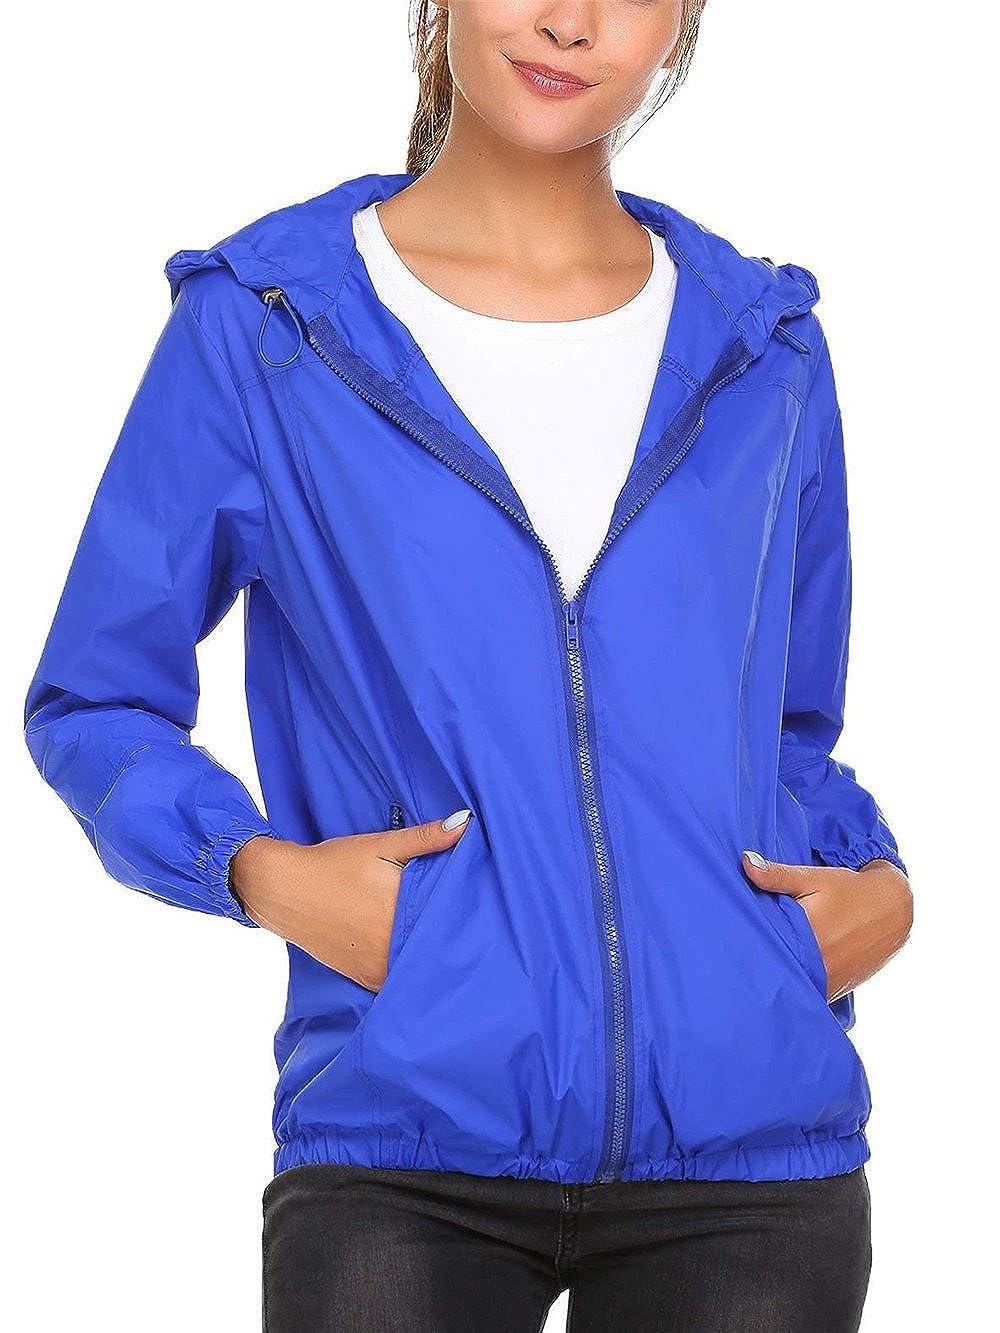 SummerRio Regenjacke Damen Wasserdicht Atmungsaktiv Windjacke Regenmantel mit Taschen und Kapuze f/ür Outdoor